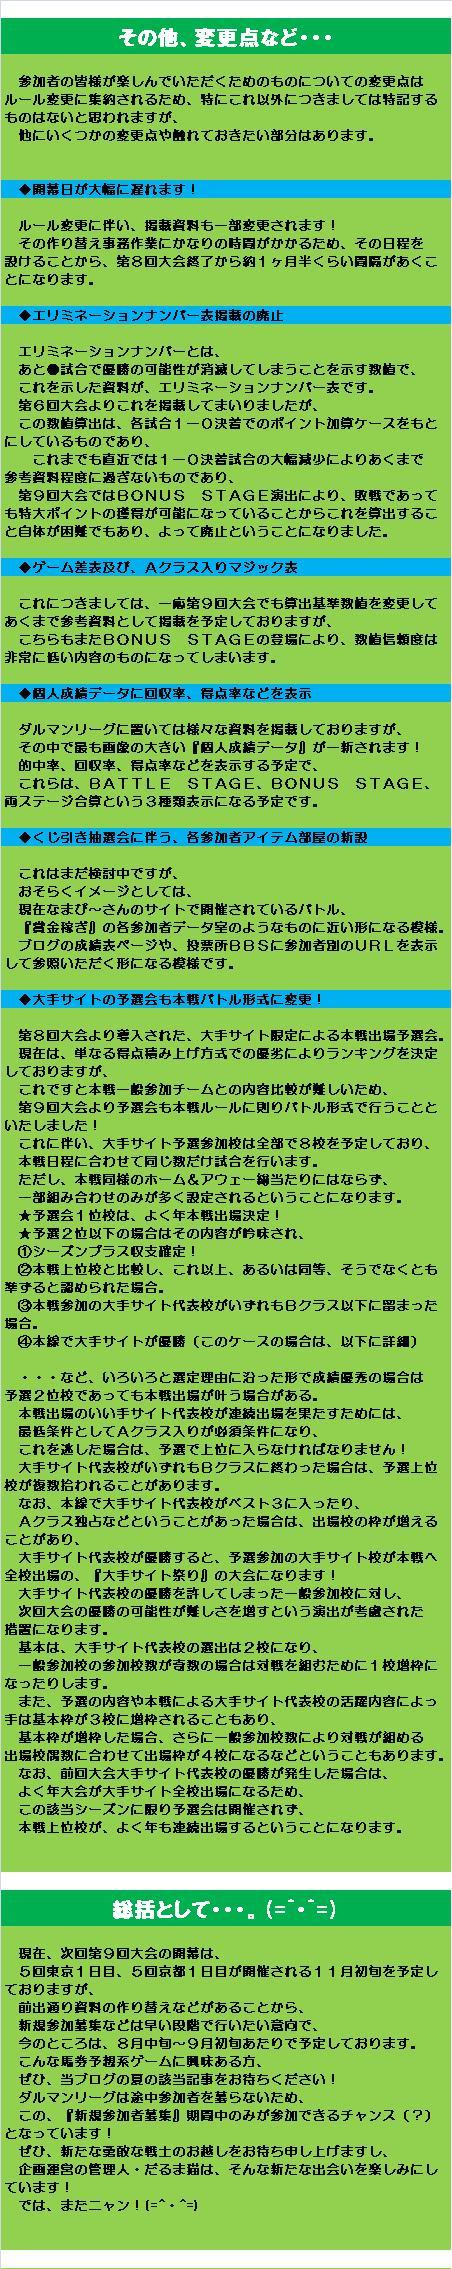 20170328・第9回大会ルール改正⑤.jpg